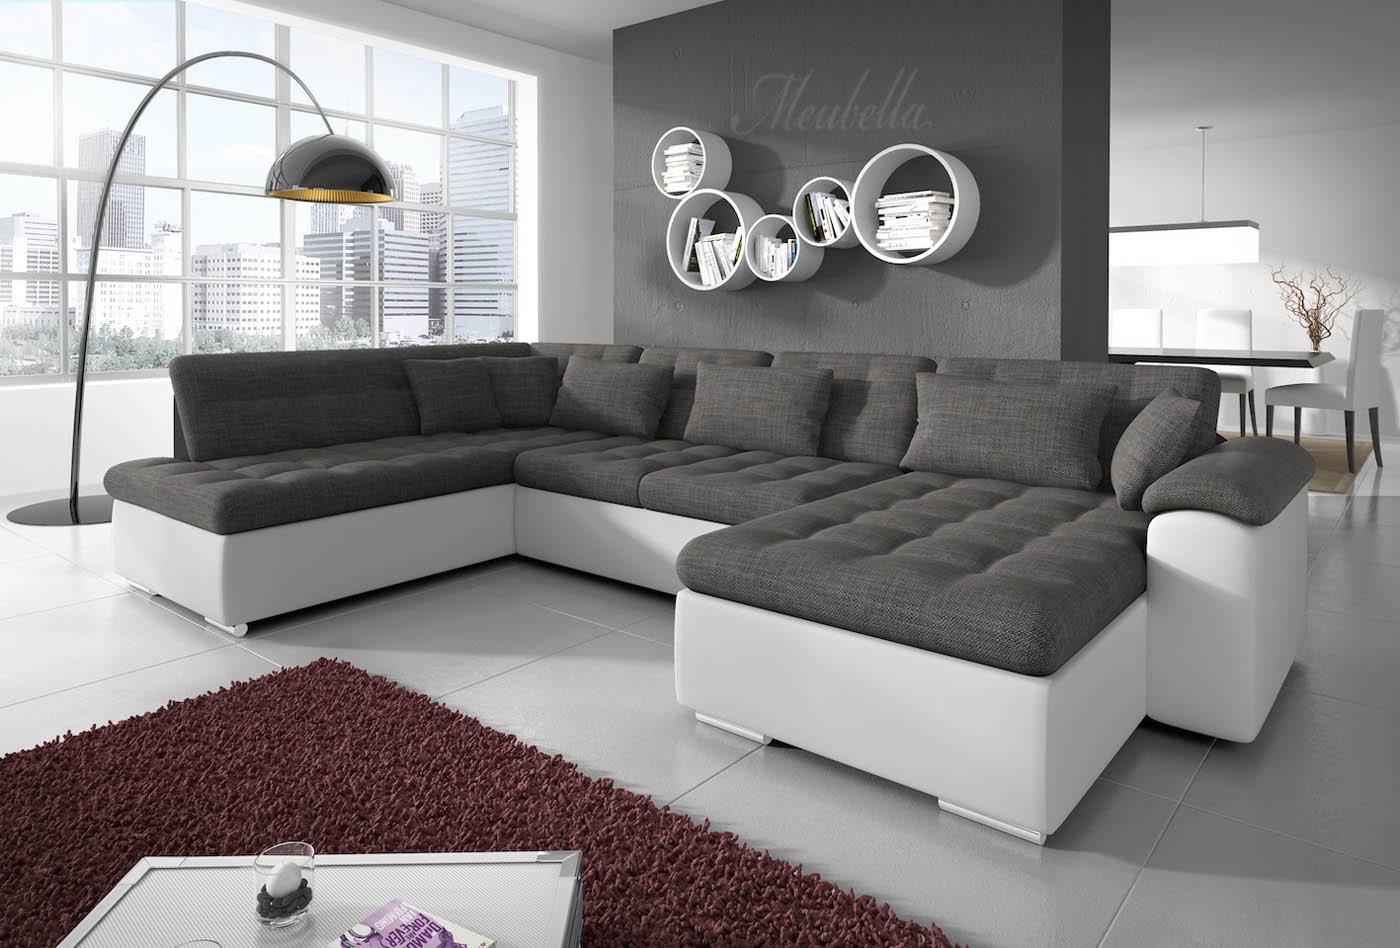 Lounge grijs wit raum und m beldesign inspiration - Lounge grijs ...